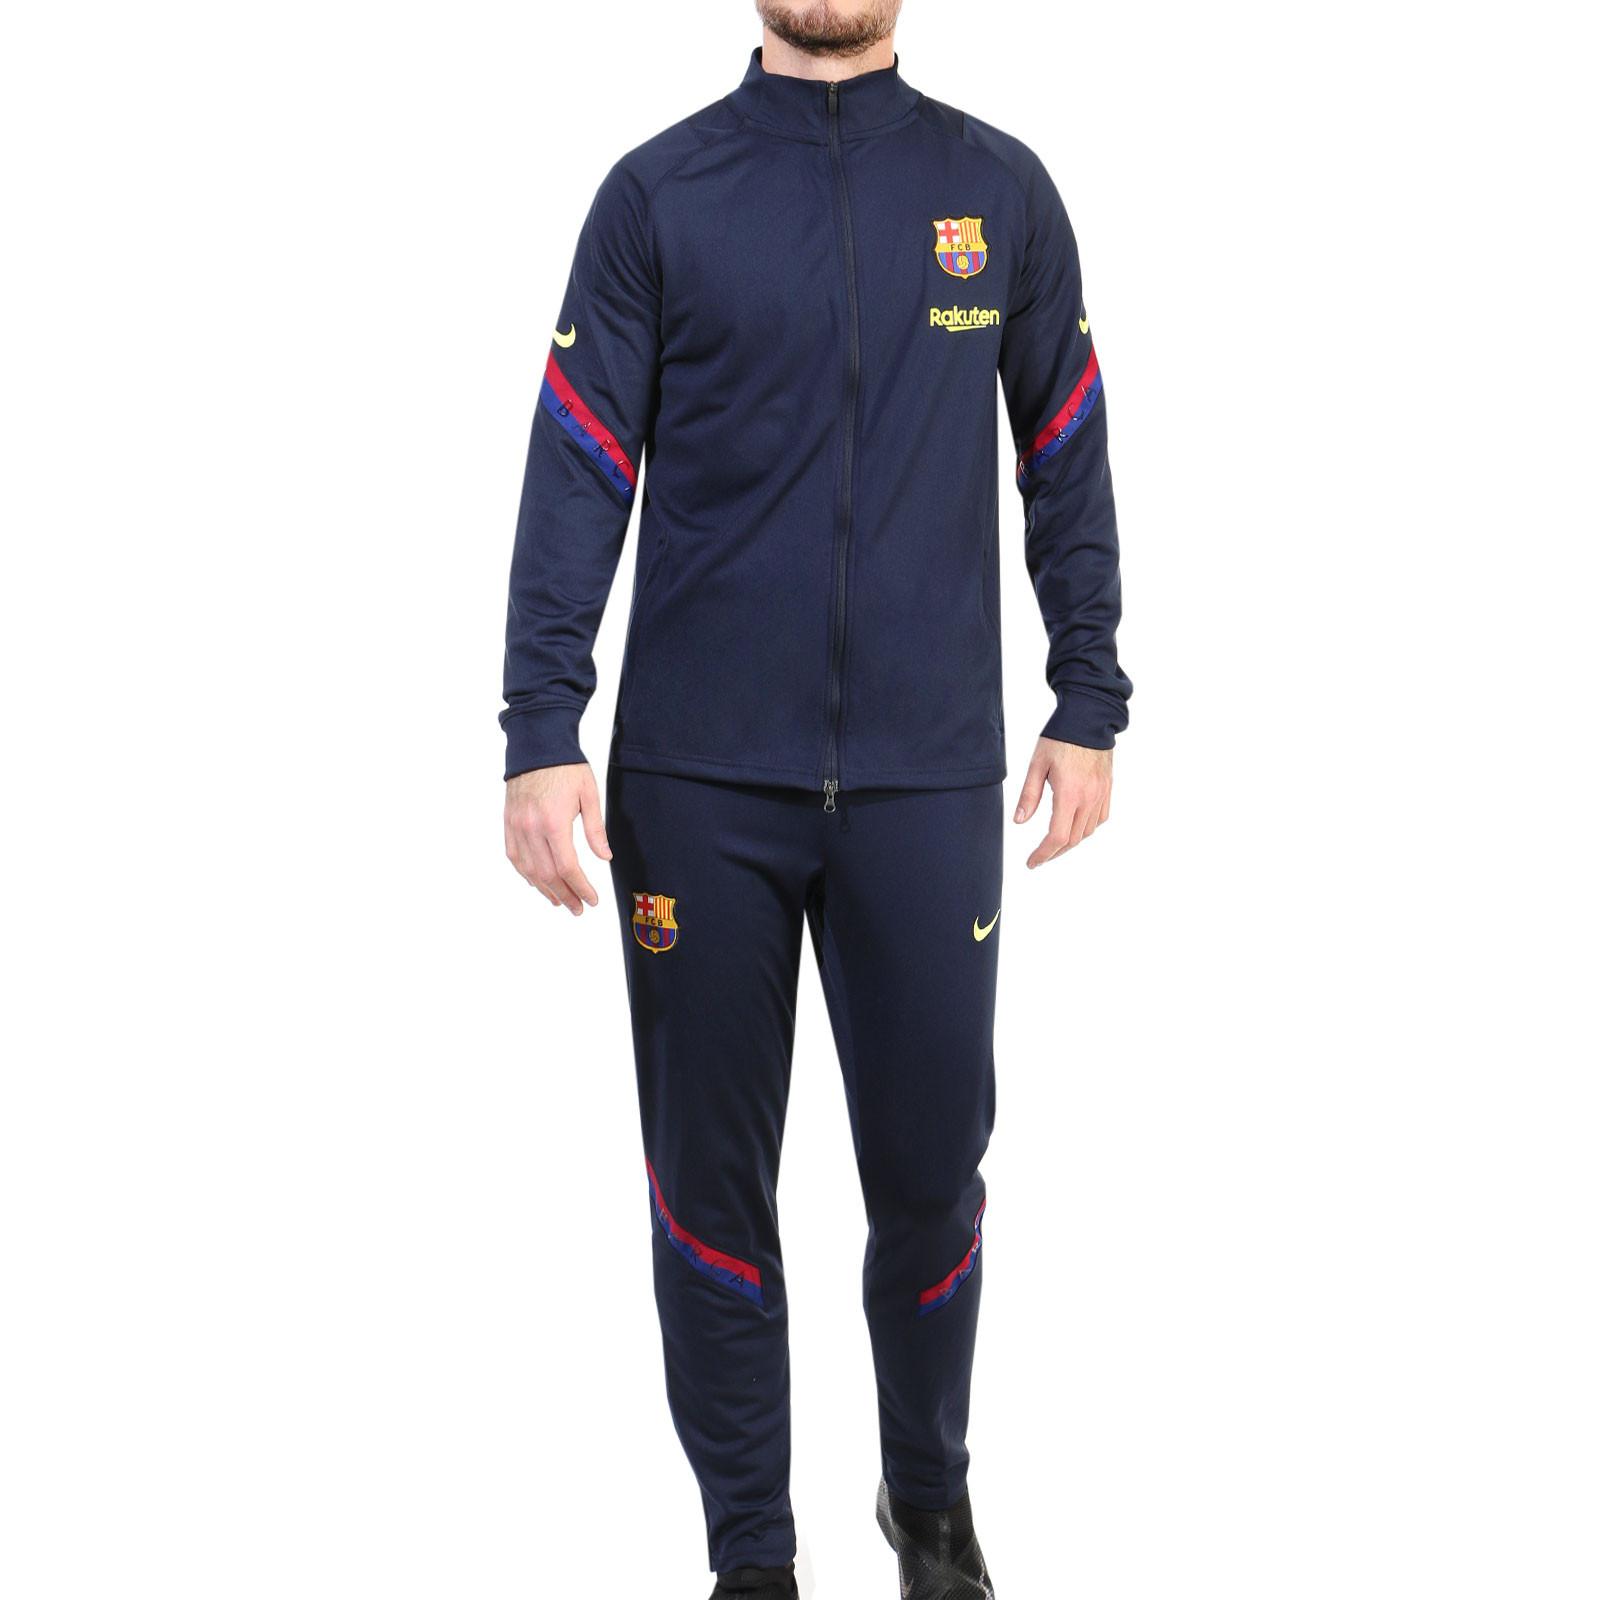 Observatorio celos acelerador  Chándal FC Barcelona 19 20 azul marino | futbolmania